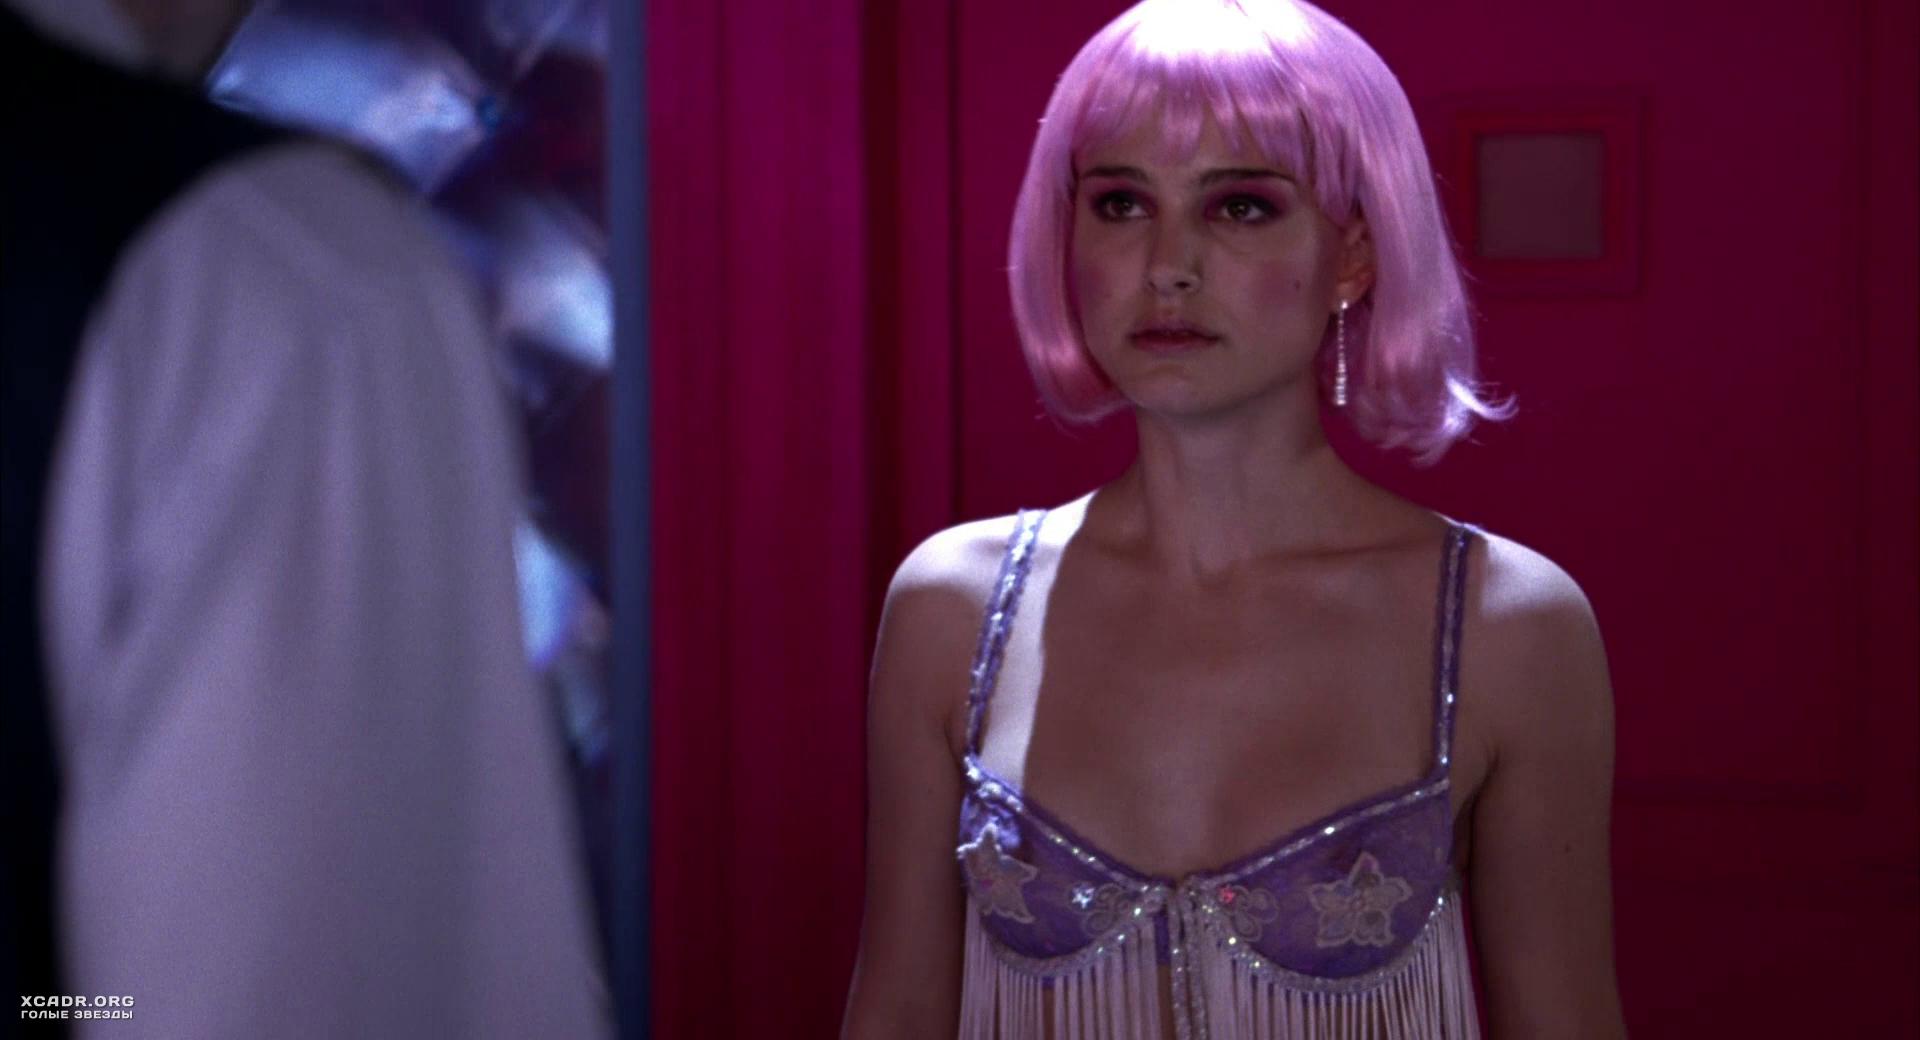 Приватный танец Натали Портман – Близость (2004)   XCADR.COM натали портман фильмы